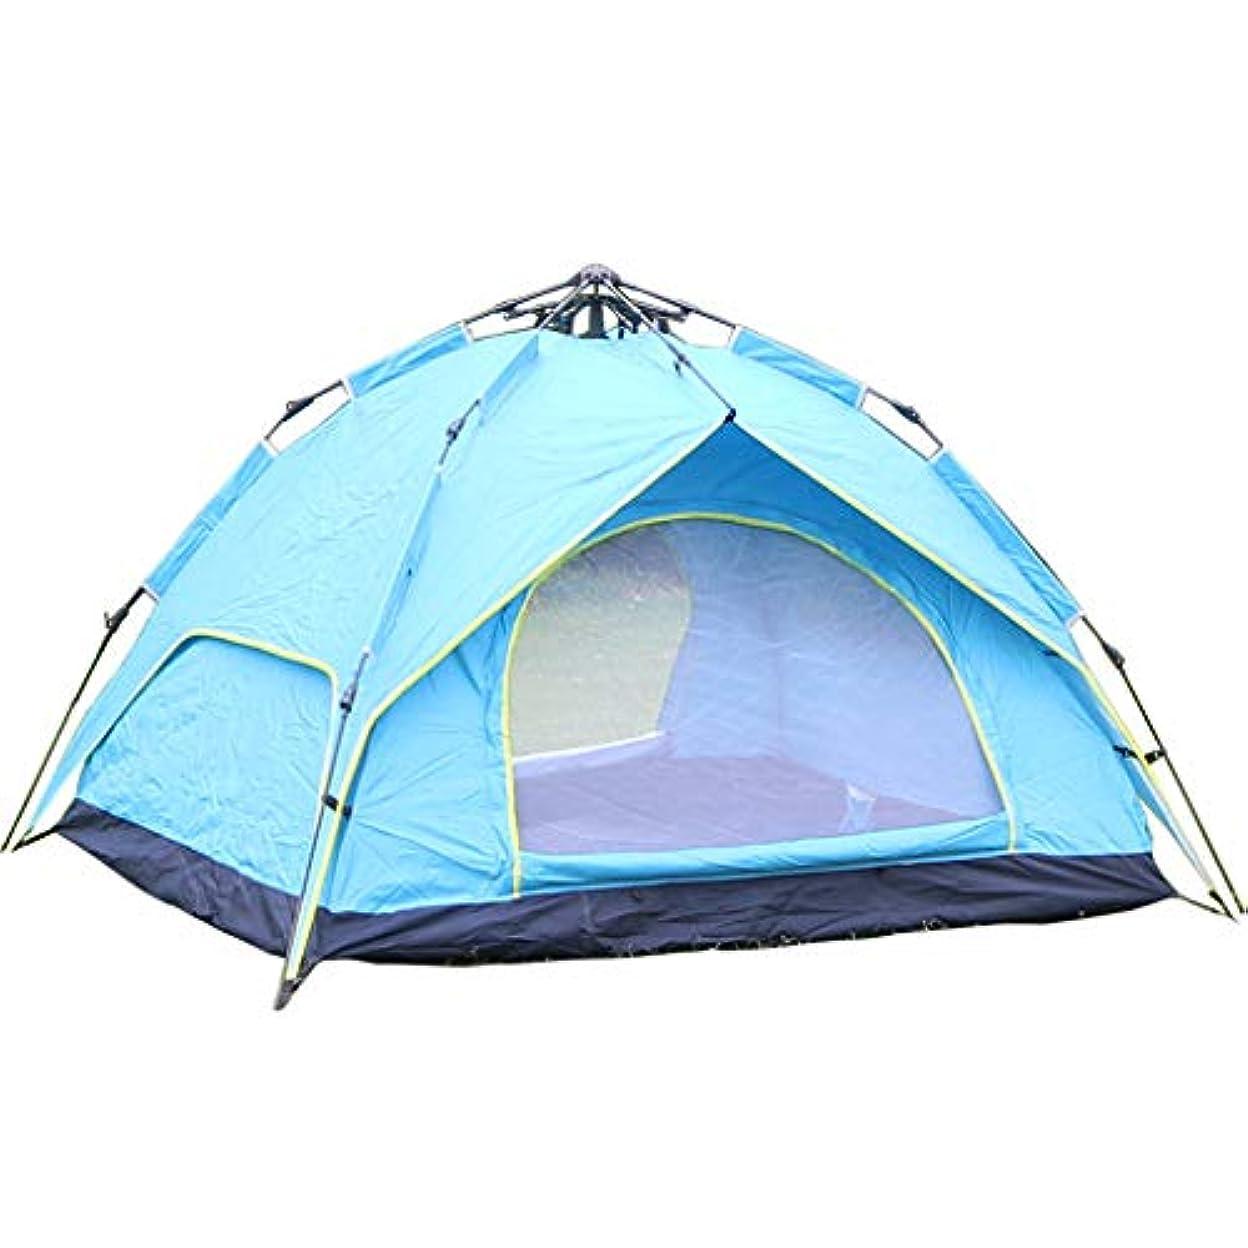 盲目ふりをする王子キャンプテント2人ポップアップ、簡単防水軽量インスタント自動テント、ビーチファミリー屋外ガーデン釣りピクニック、換気と耐久性、二重層ブルー